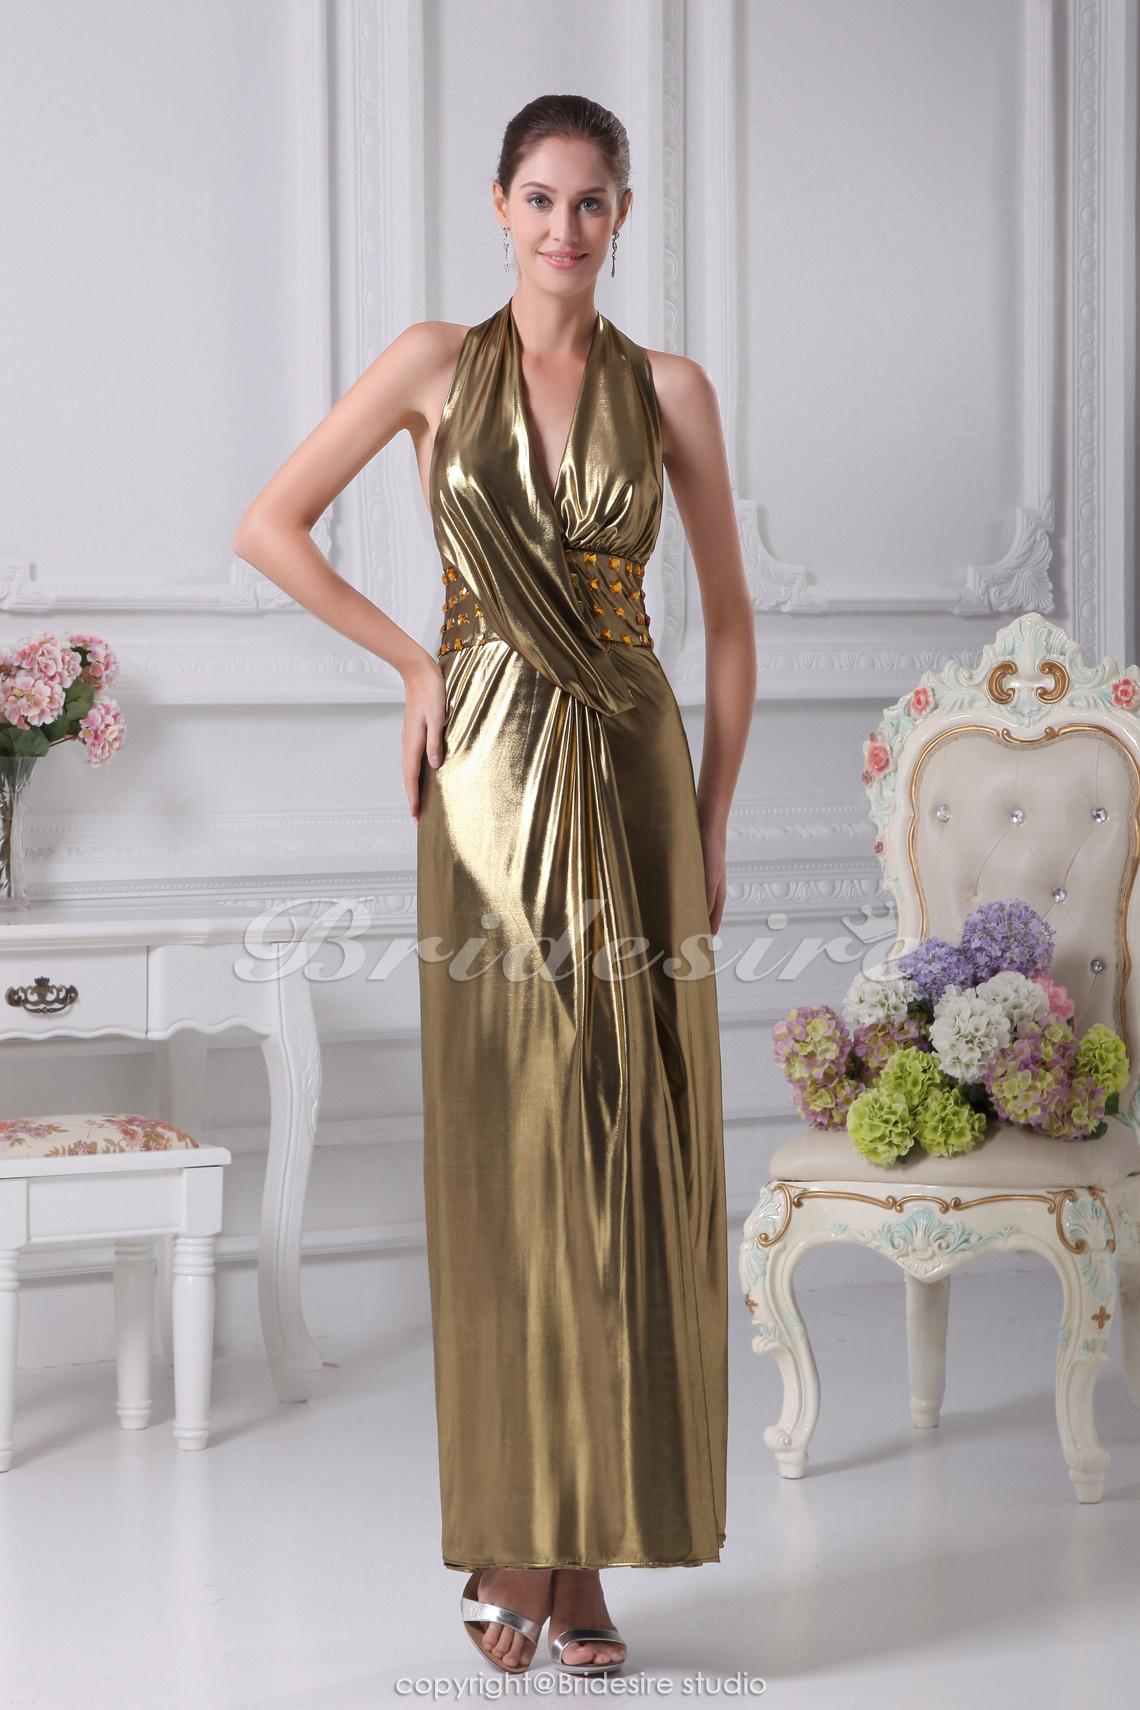 Bridesire - Tubino Ad anello A V Raso terra Senza maniche elasticizzato Raso  vestito  BD4239  - €101.20   Bridesire c1c479e359d